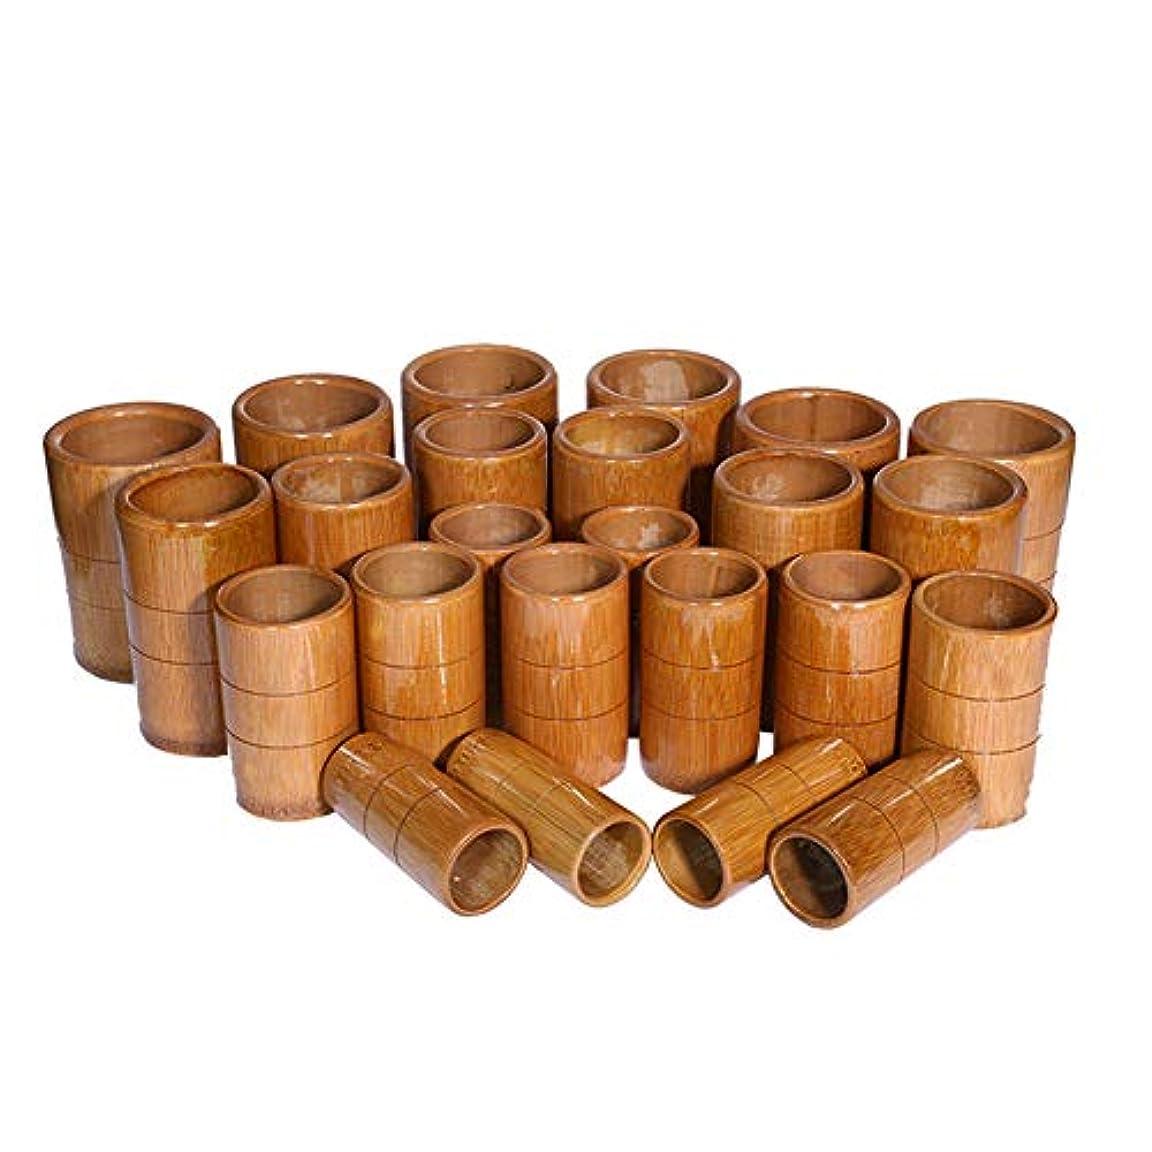 セラー地上で四分円マッサージバキュームカップキット - カッピング竹療法セット - 炭缶鍼治療ボディ医療吸引セット,A10pcs